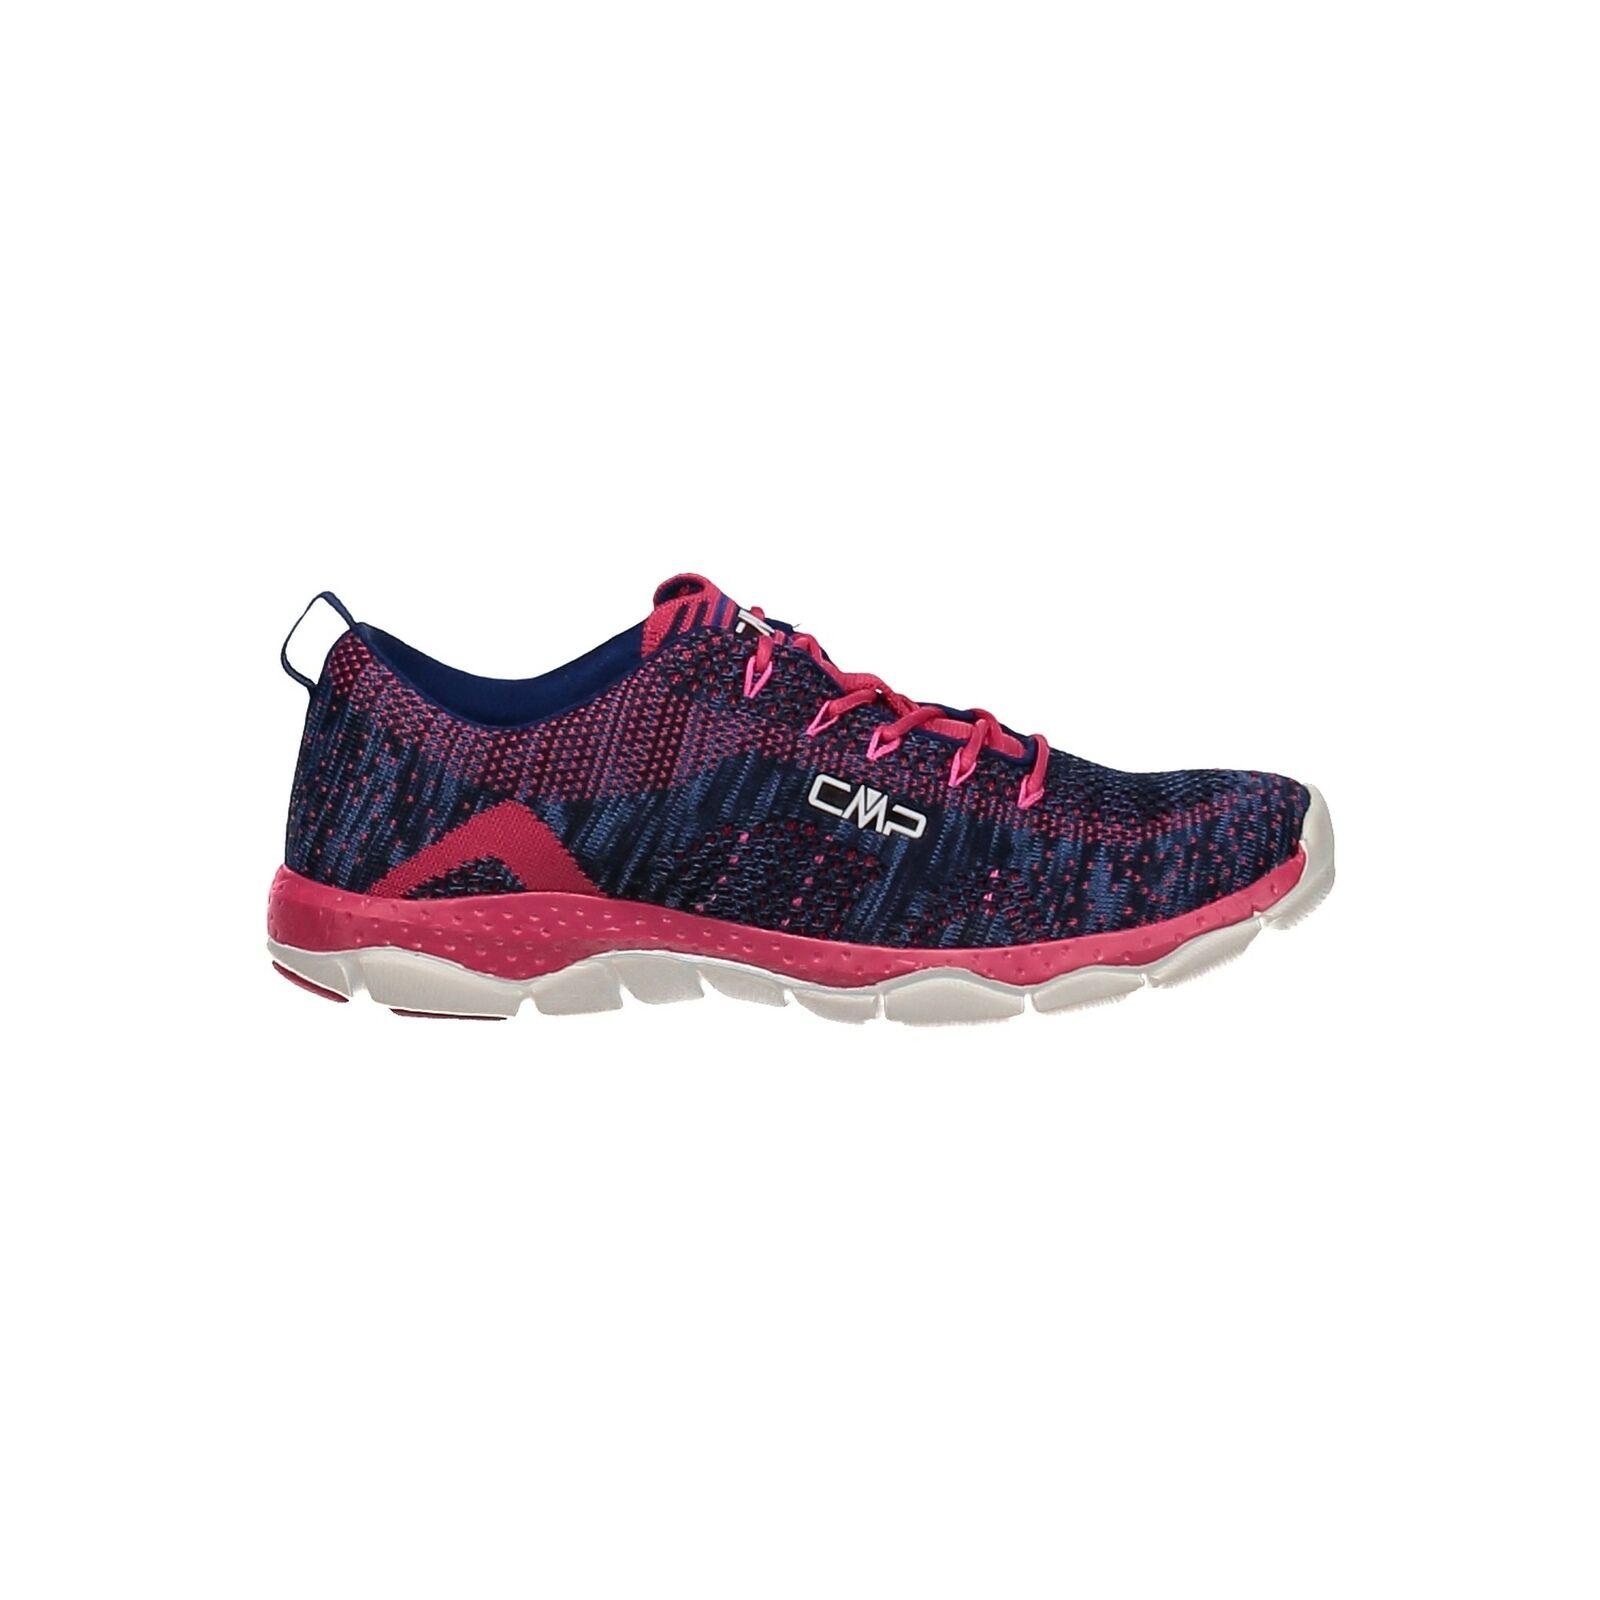 CMP Turnschuhe Sportschuhe Butter Nebula Fitness shoes dunkelblue atmungsaktiv